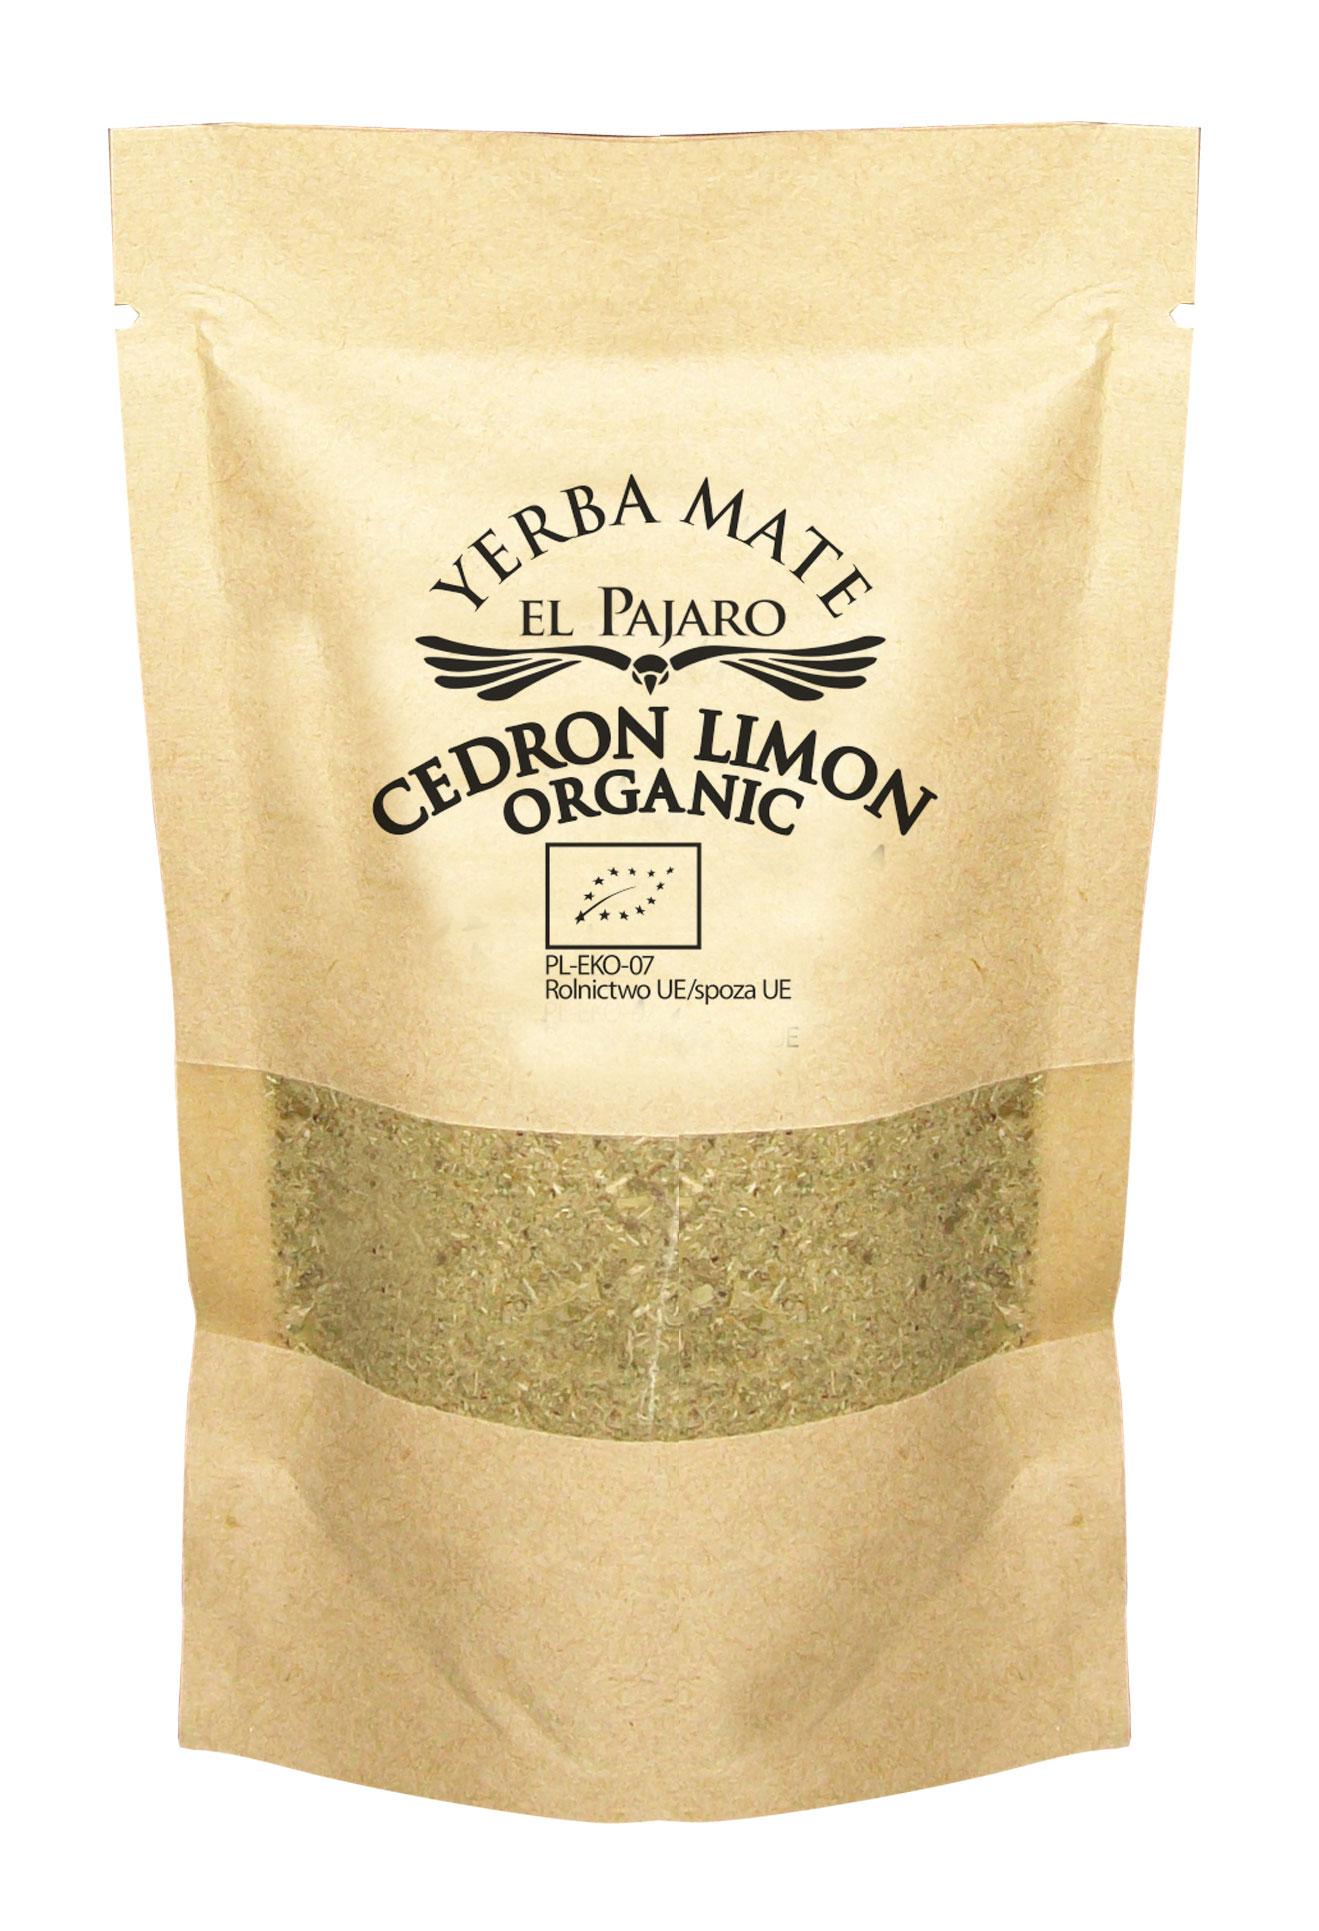 40-gramowka-CEDRON_LIMON